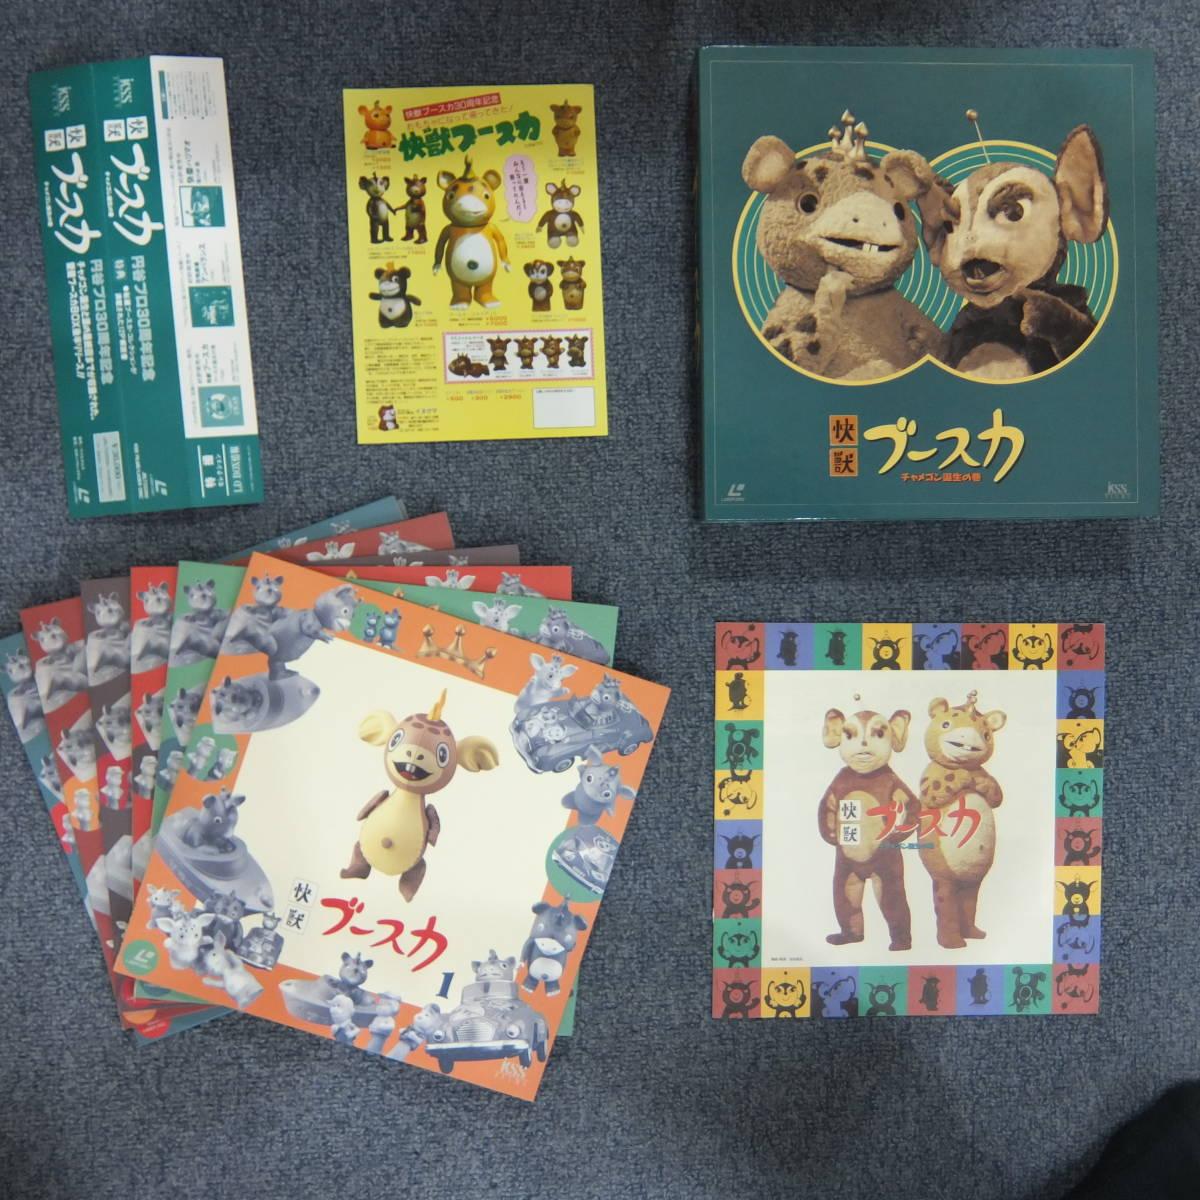 【 LD / レーザーディスク 】 快獣ブースカ  LD-BOX  「チャメゴン誕生の巻」 円谷プロ30周年記念_画像3